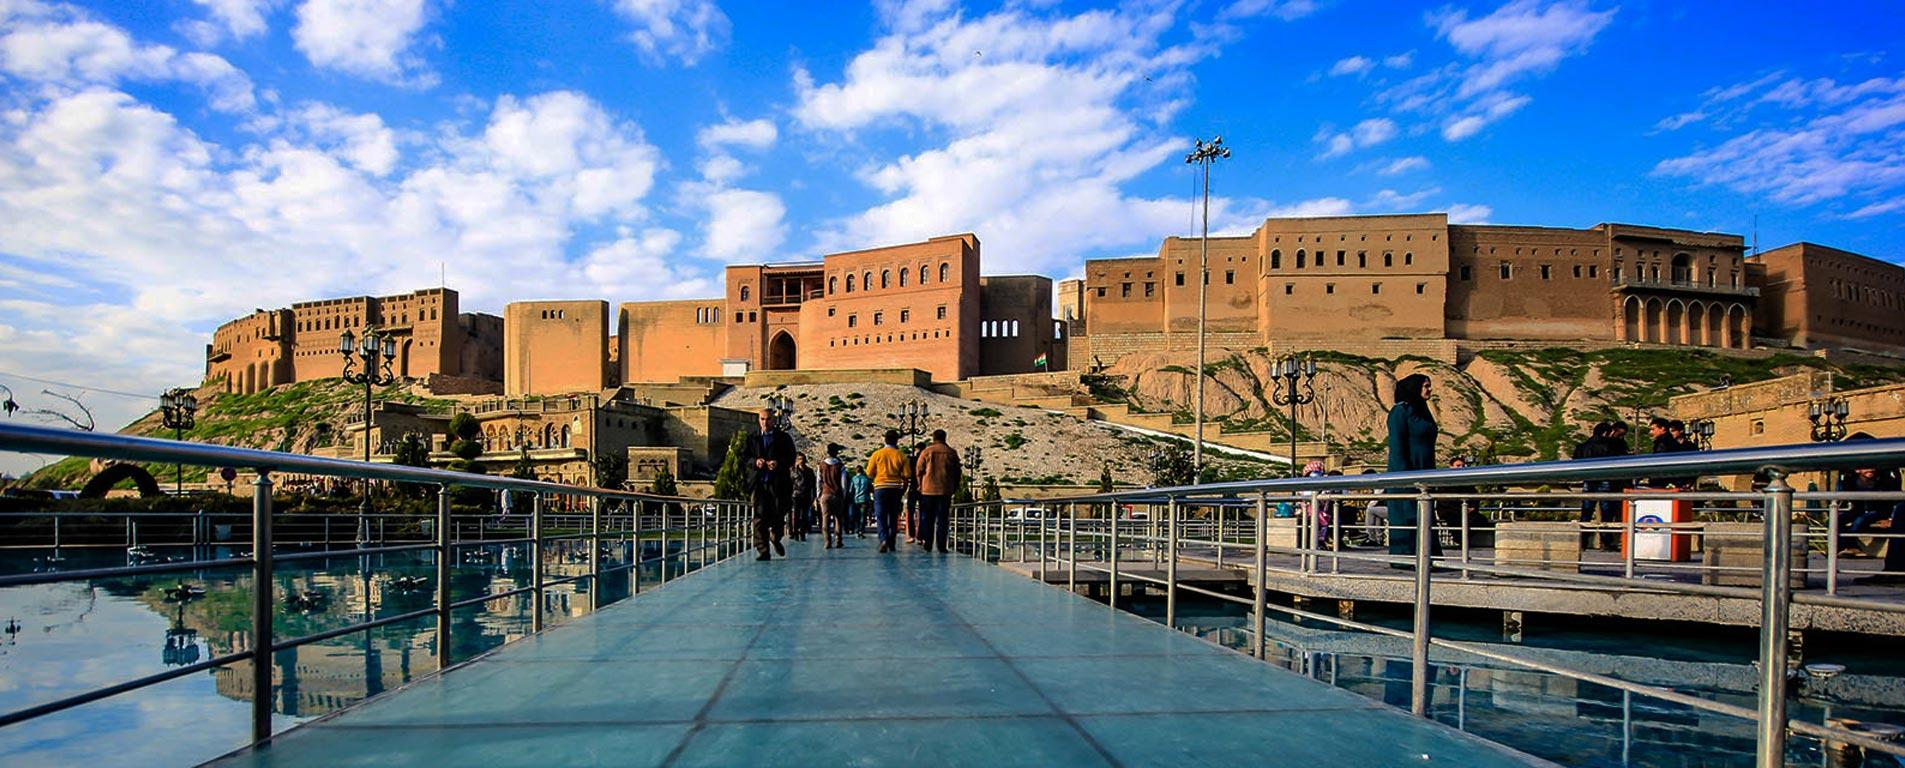 اربیل عراق ، شهری بر تپهای باستانی